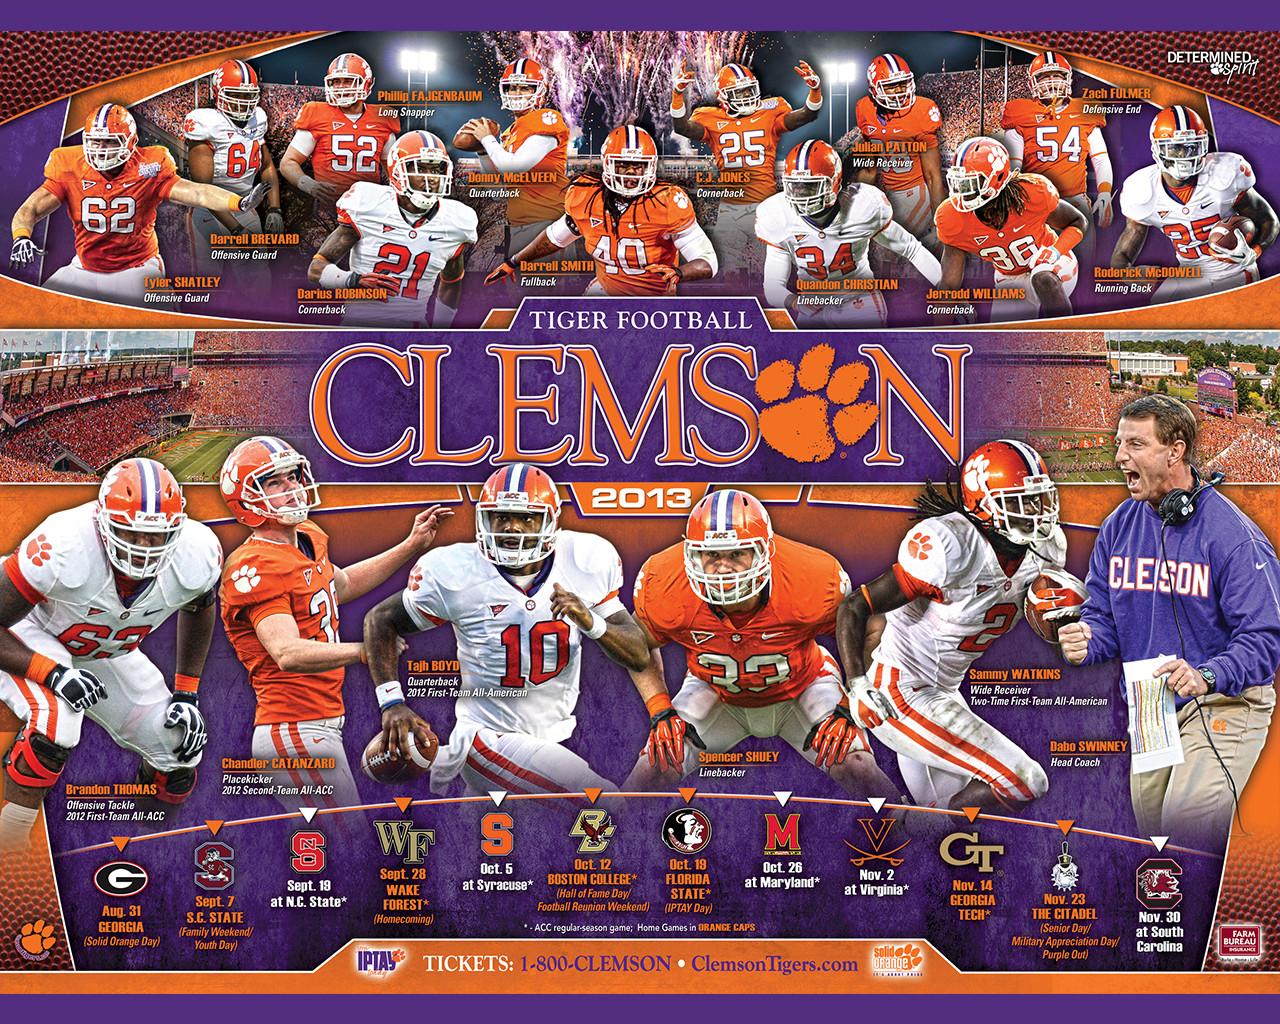 schedule clemson tiger football desktop wallpaper clemson tigers 1280x1024